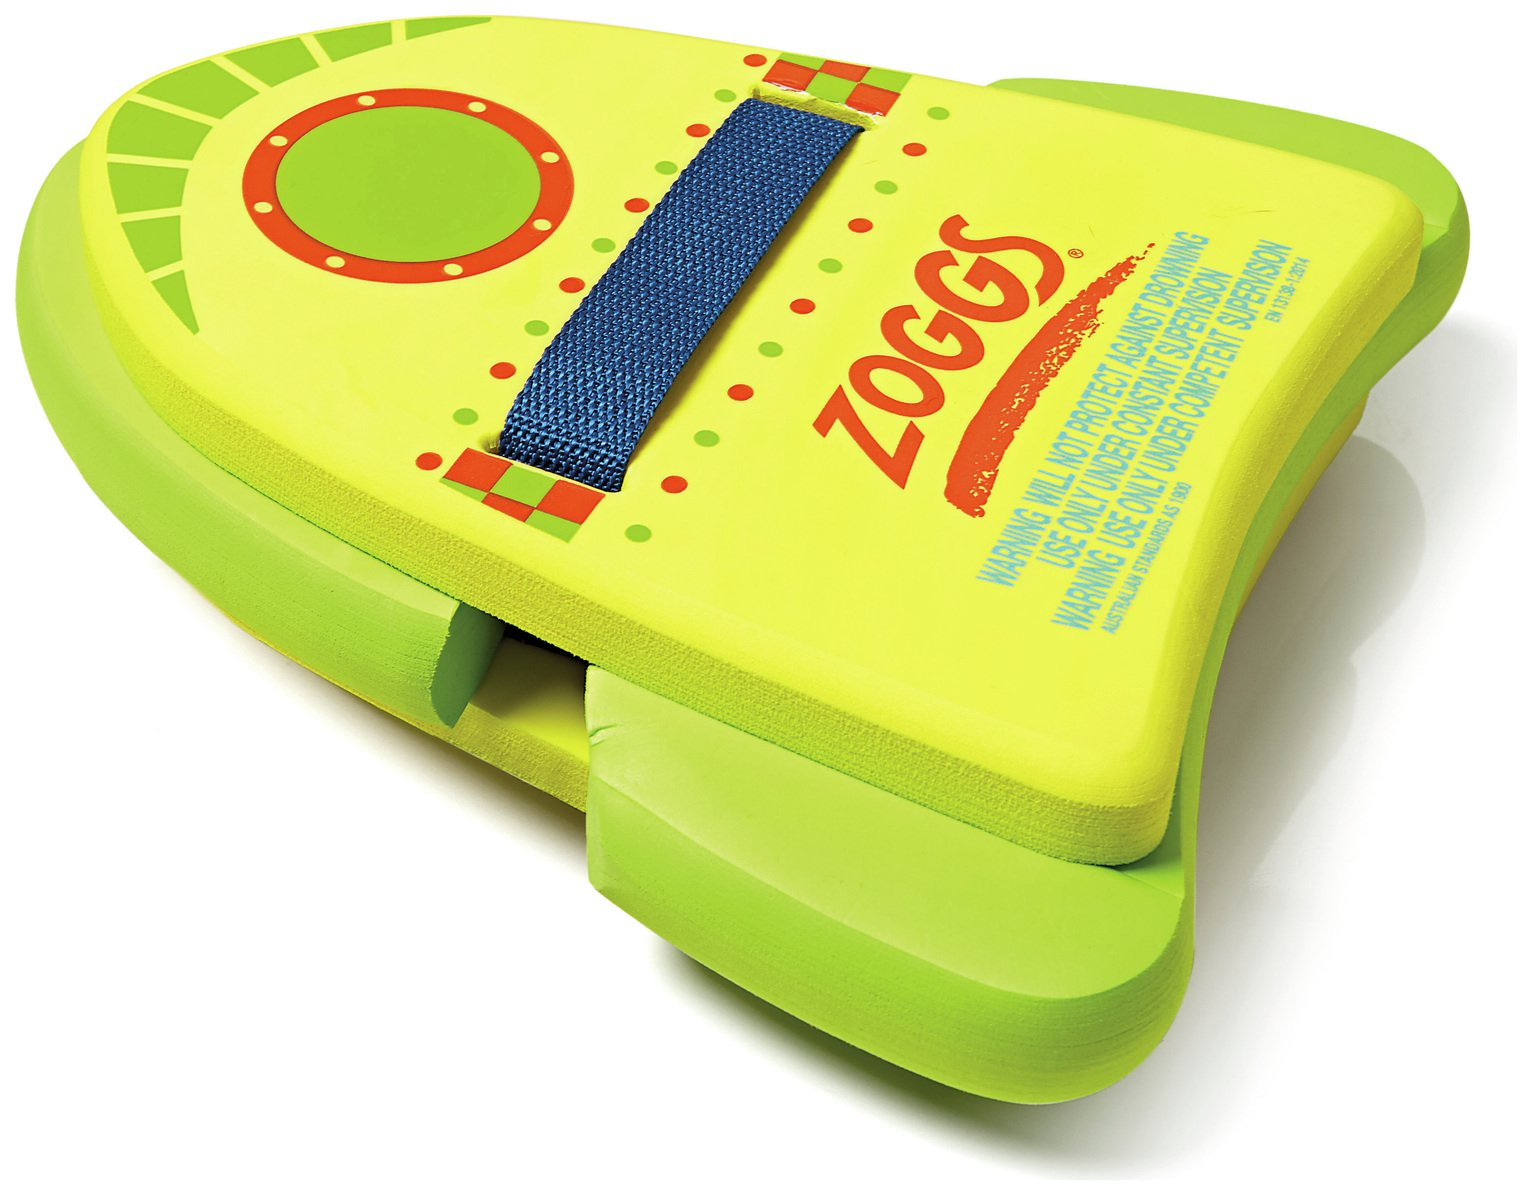 Zoggs Jet Pack 3 in 1 Kickboard